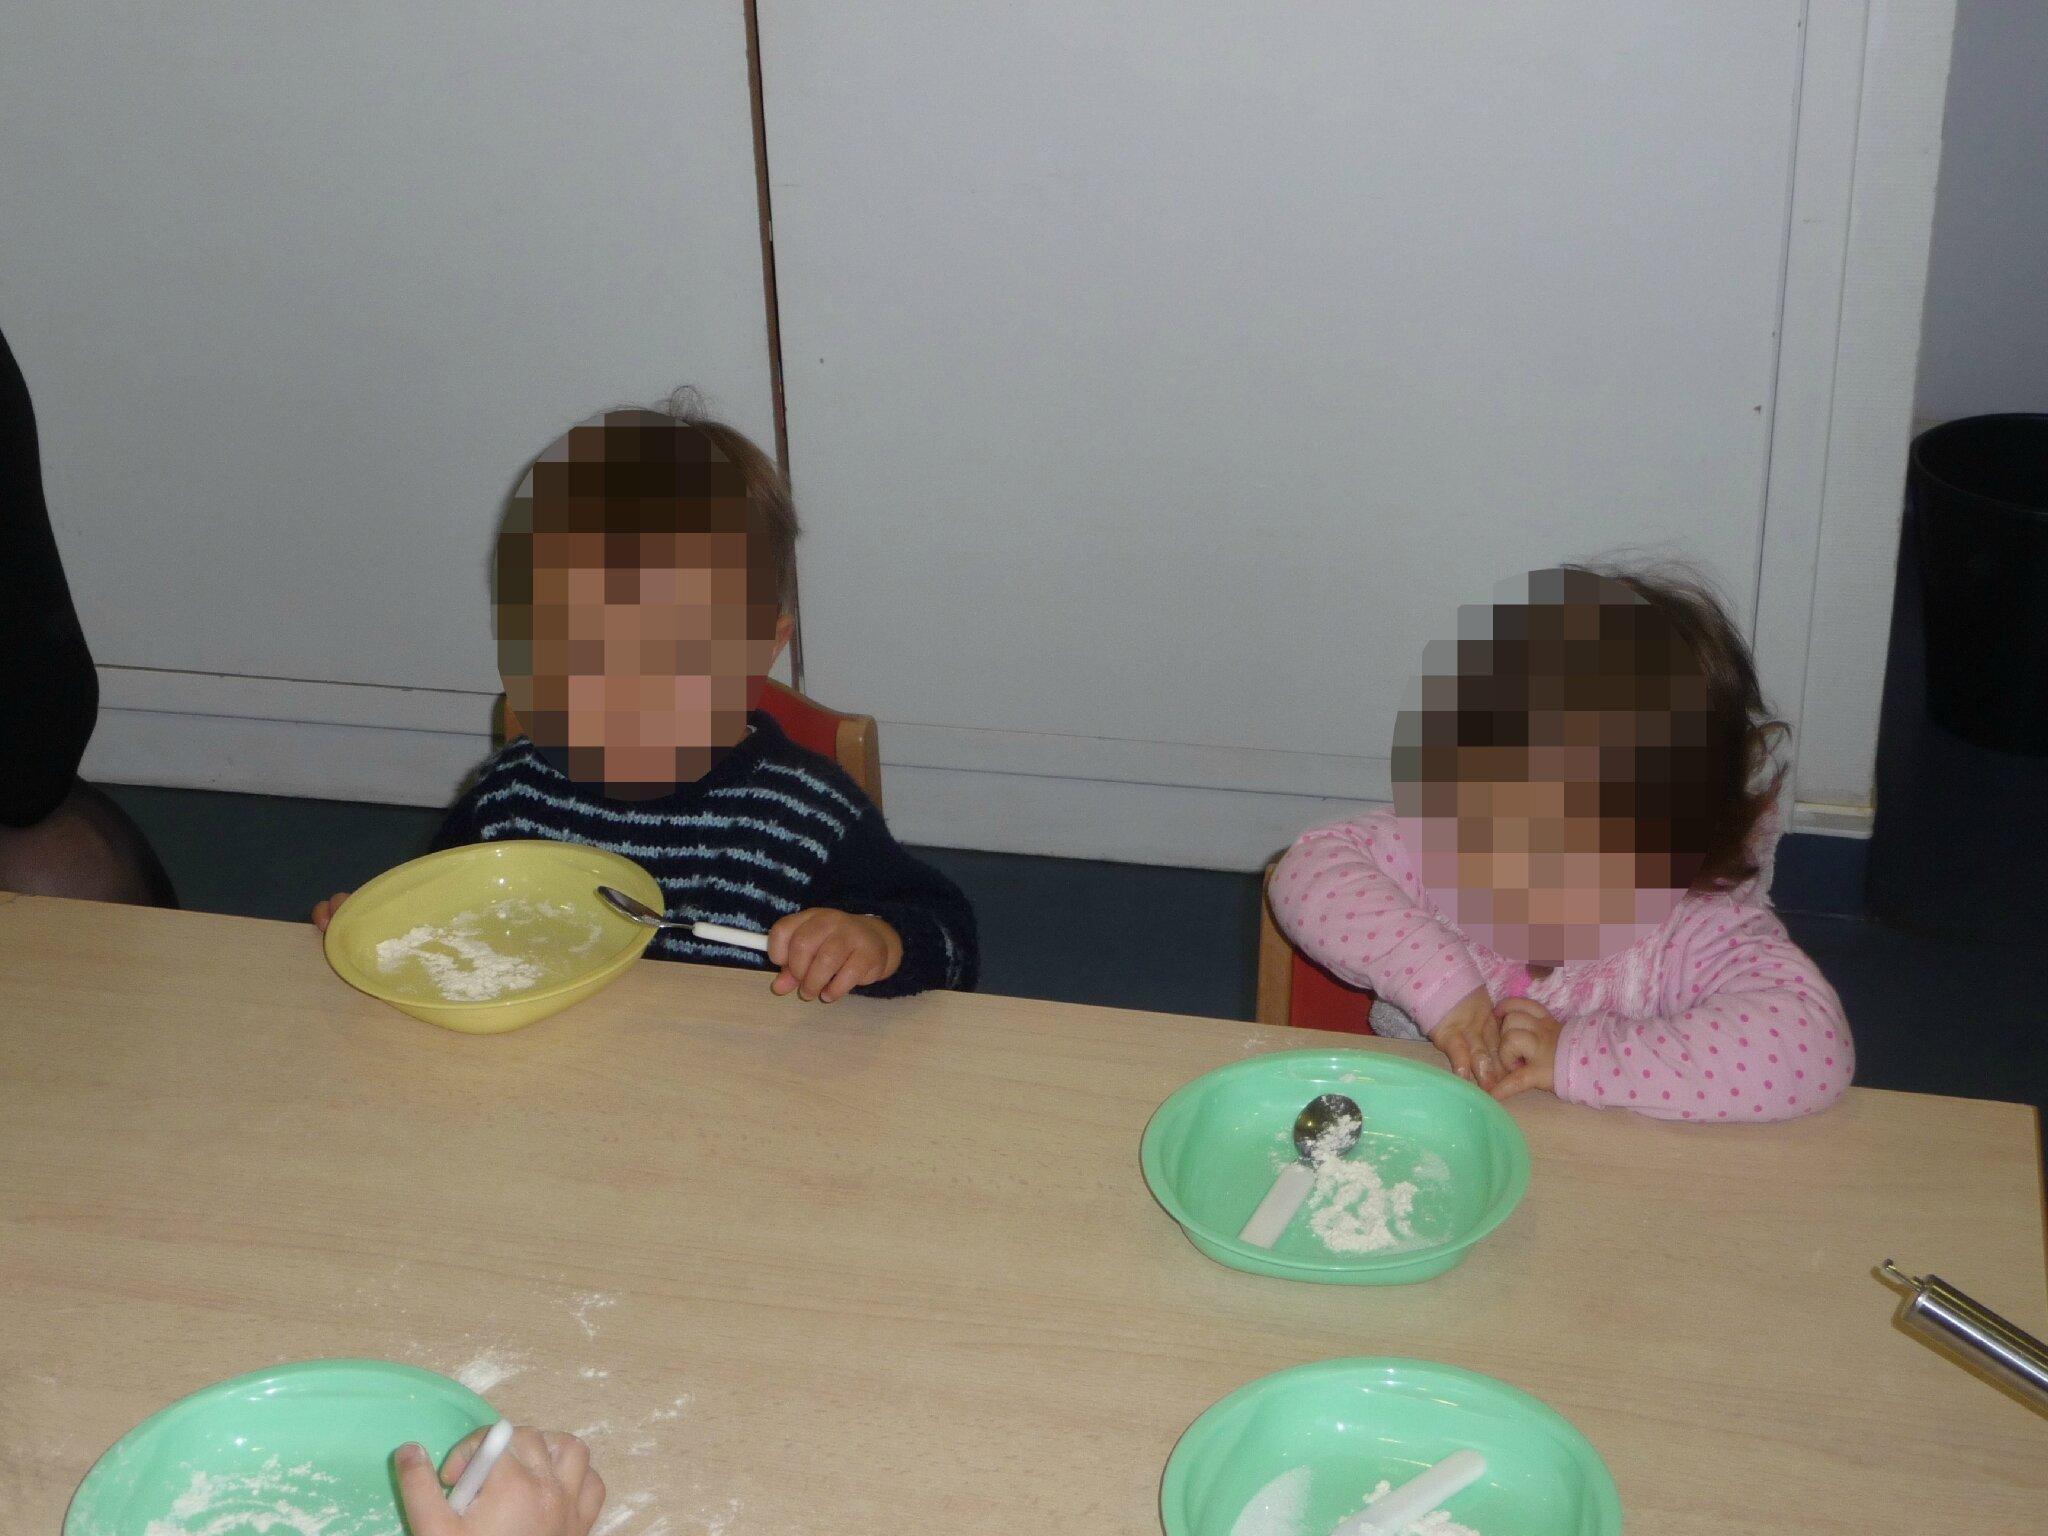 Atelier cuisine la cr che de s rignan assistantes maternelles b ziers m diterran e - Atelier cuisine en creche ...